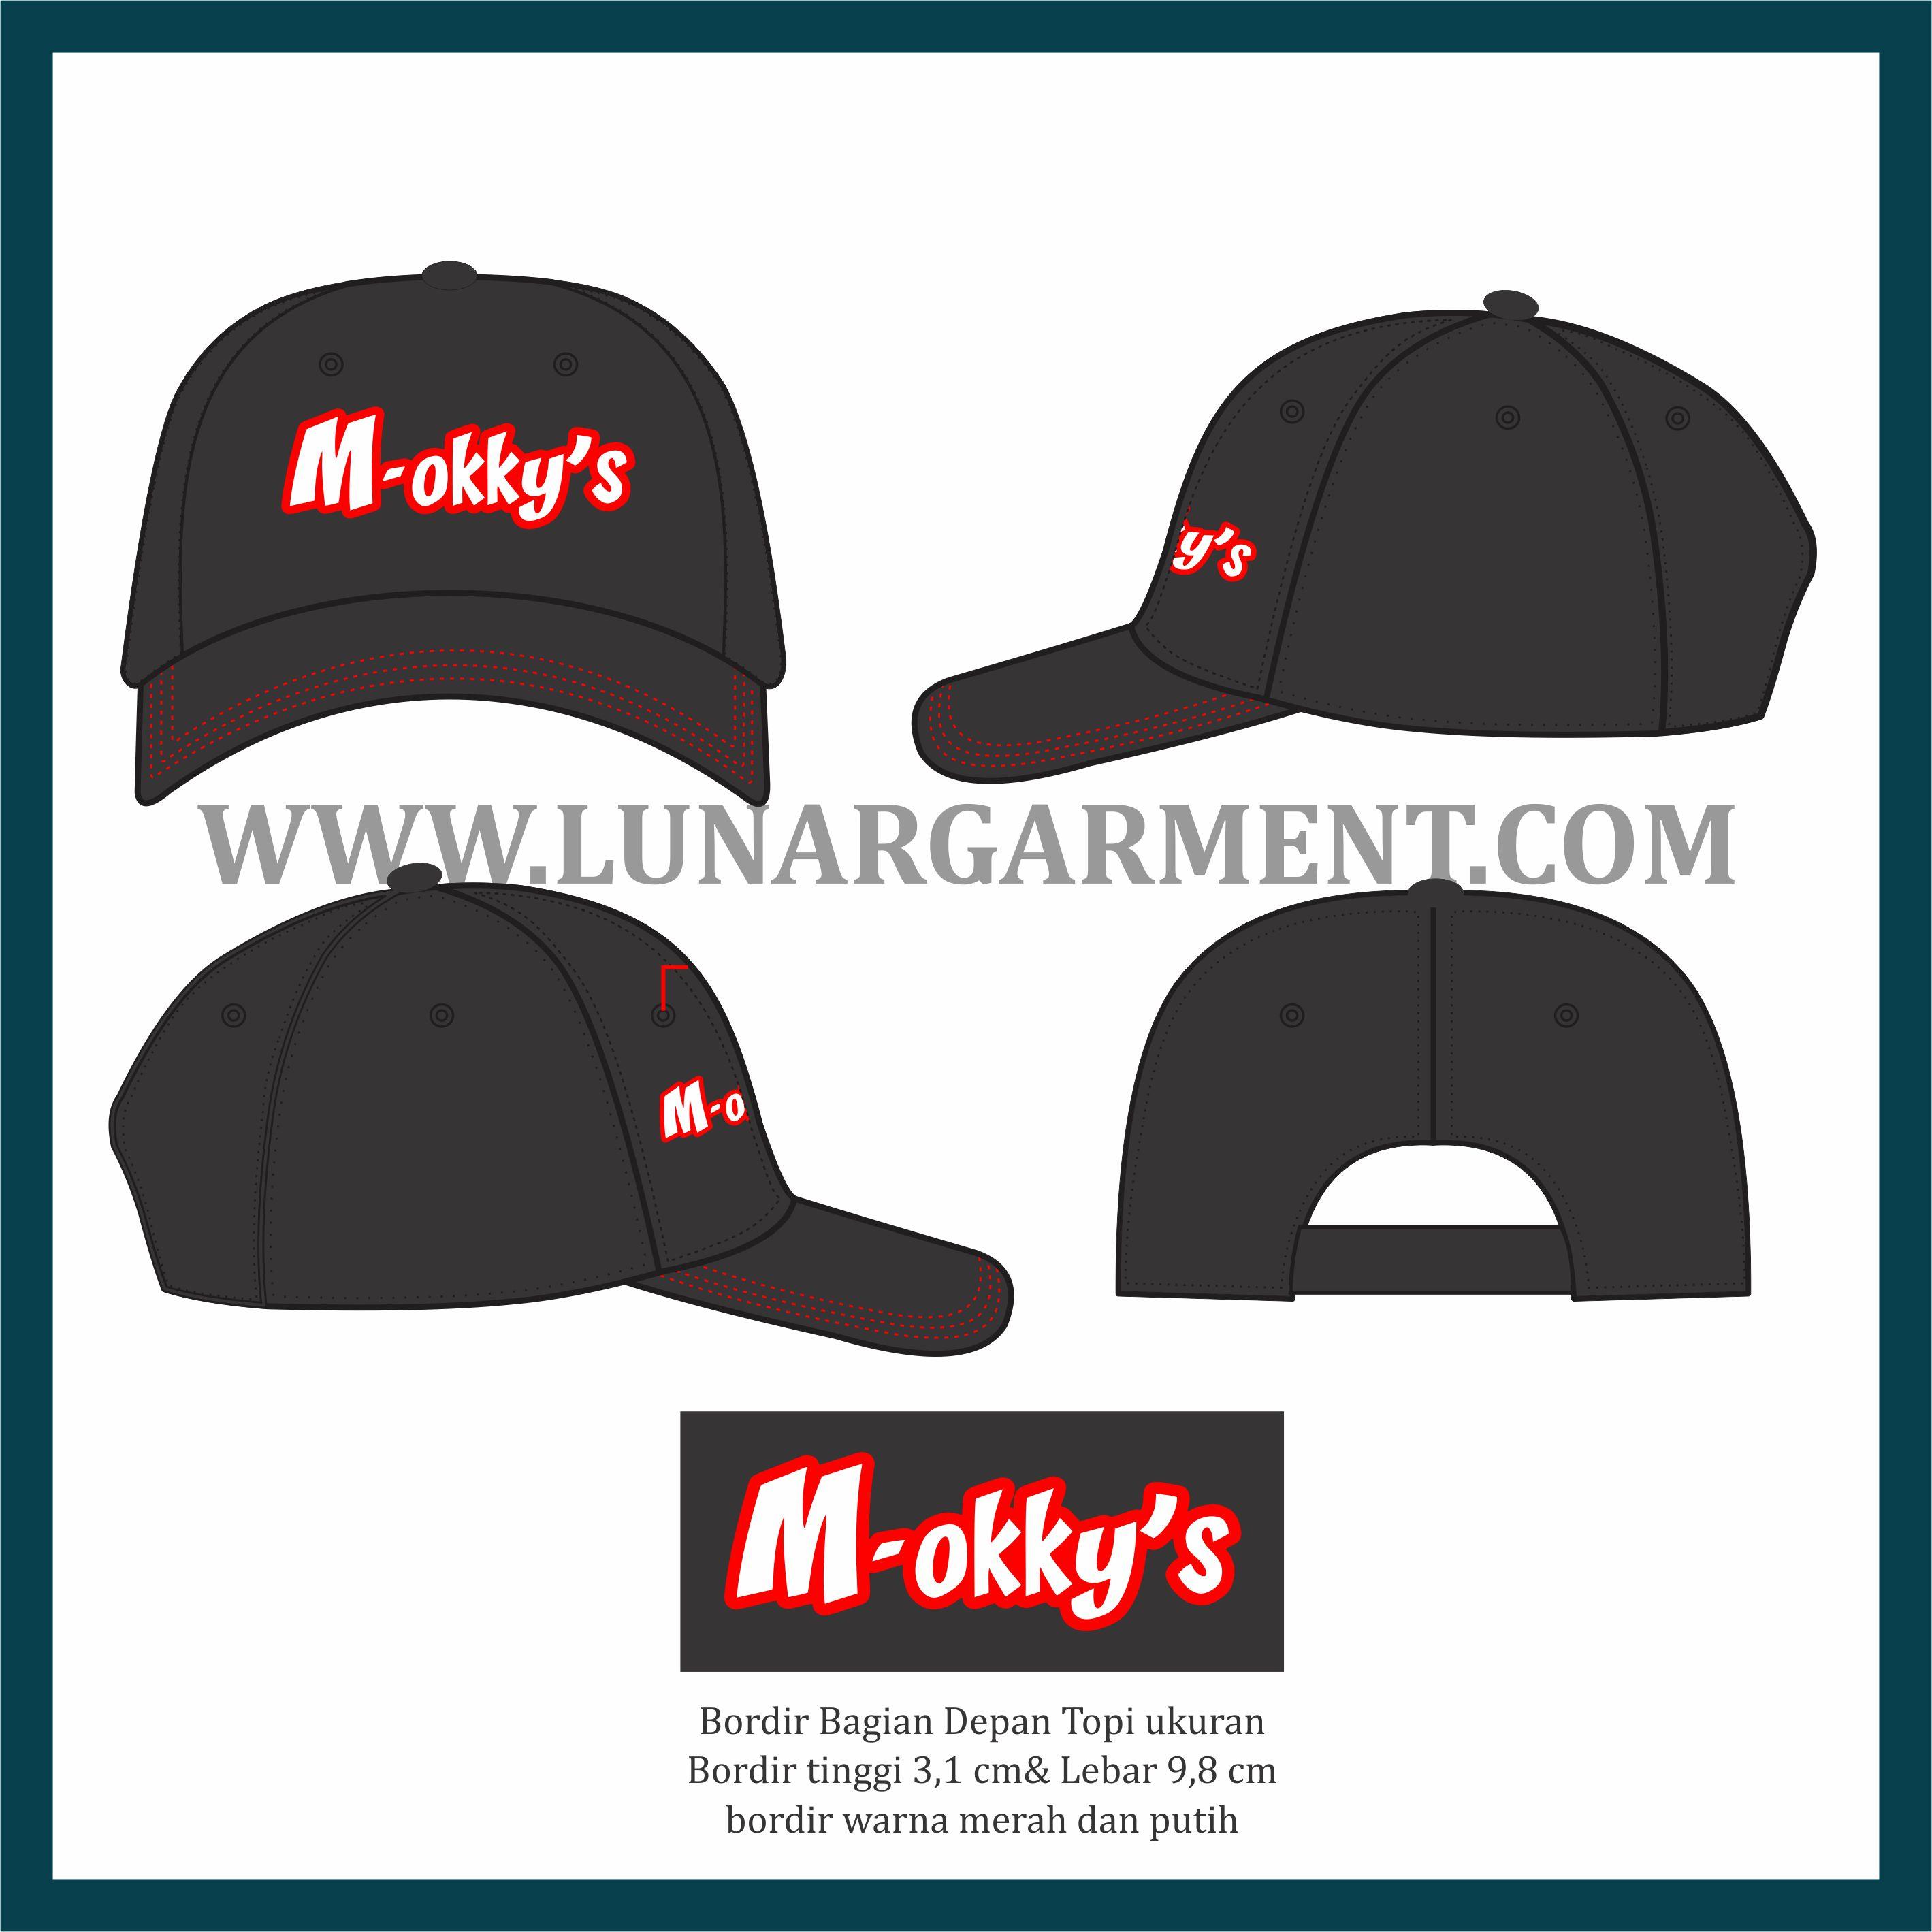 Hasil Produksi Dan Desain Topi M-okky's Bahan Drill